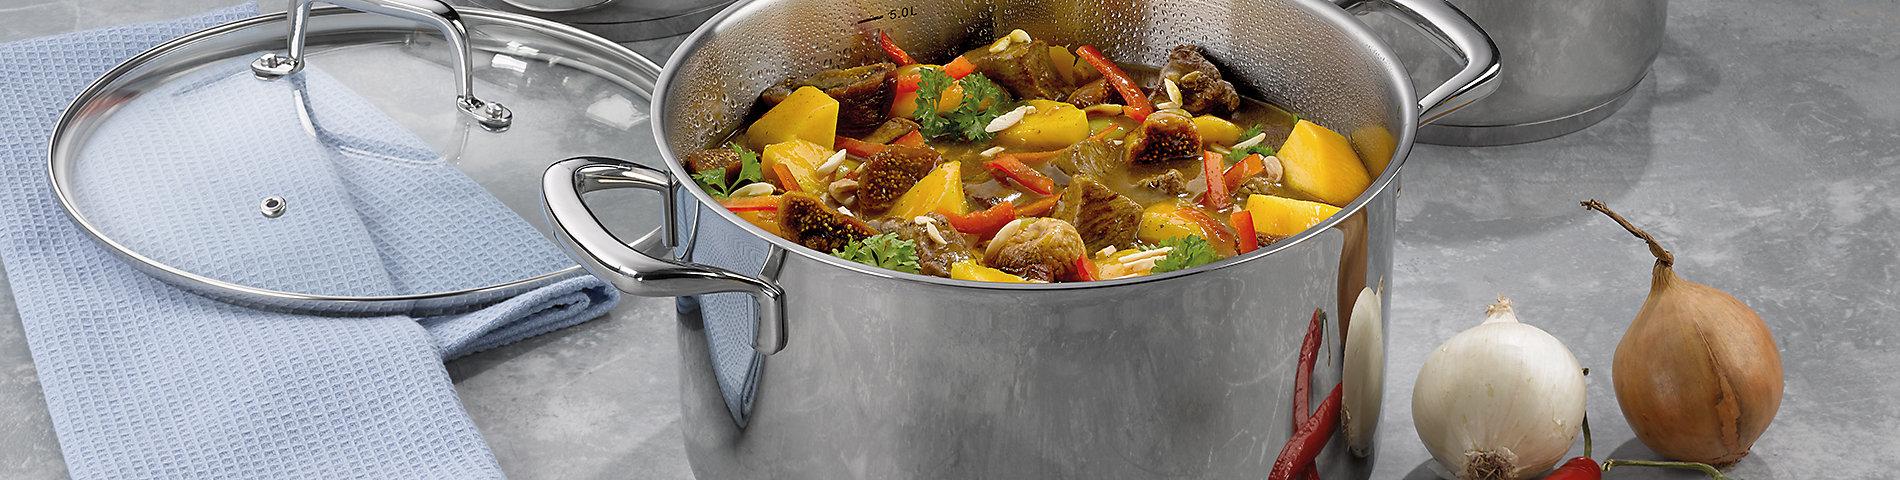 Umfangreiche Kochgeschirrserie Flavoria aus Edelstahl